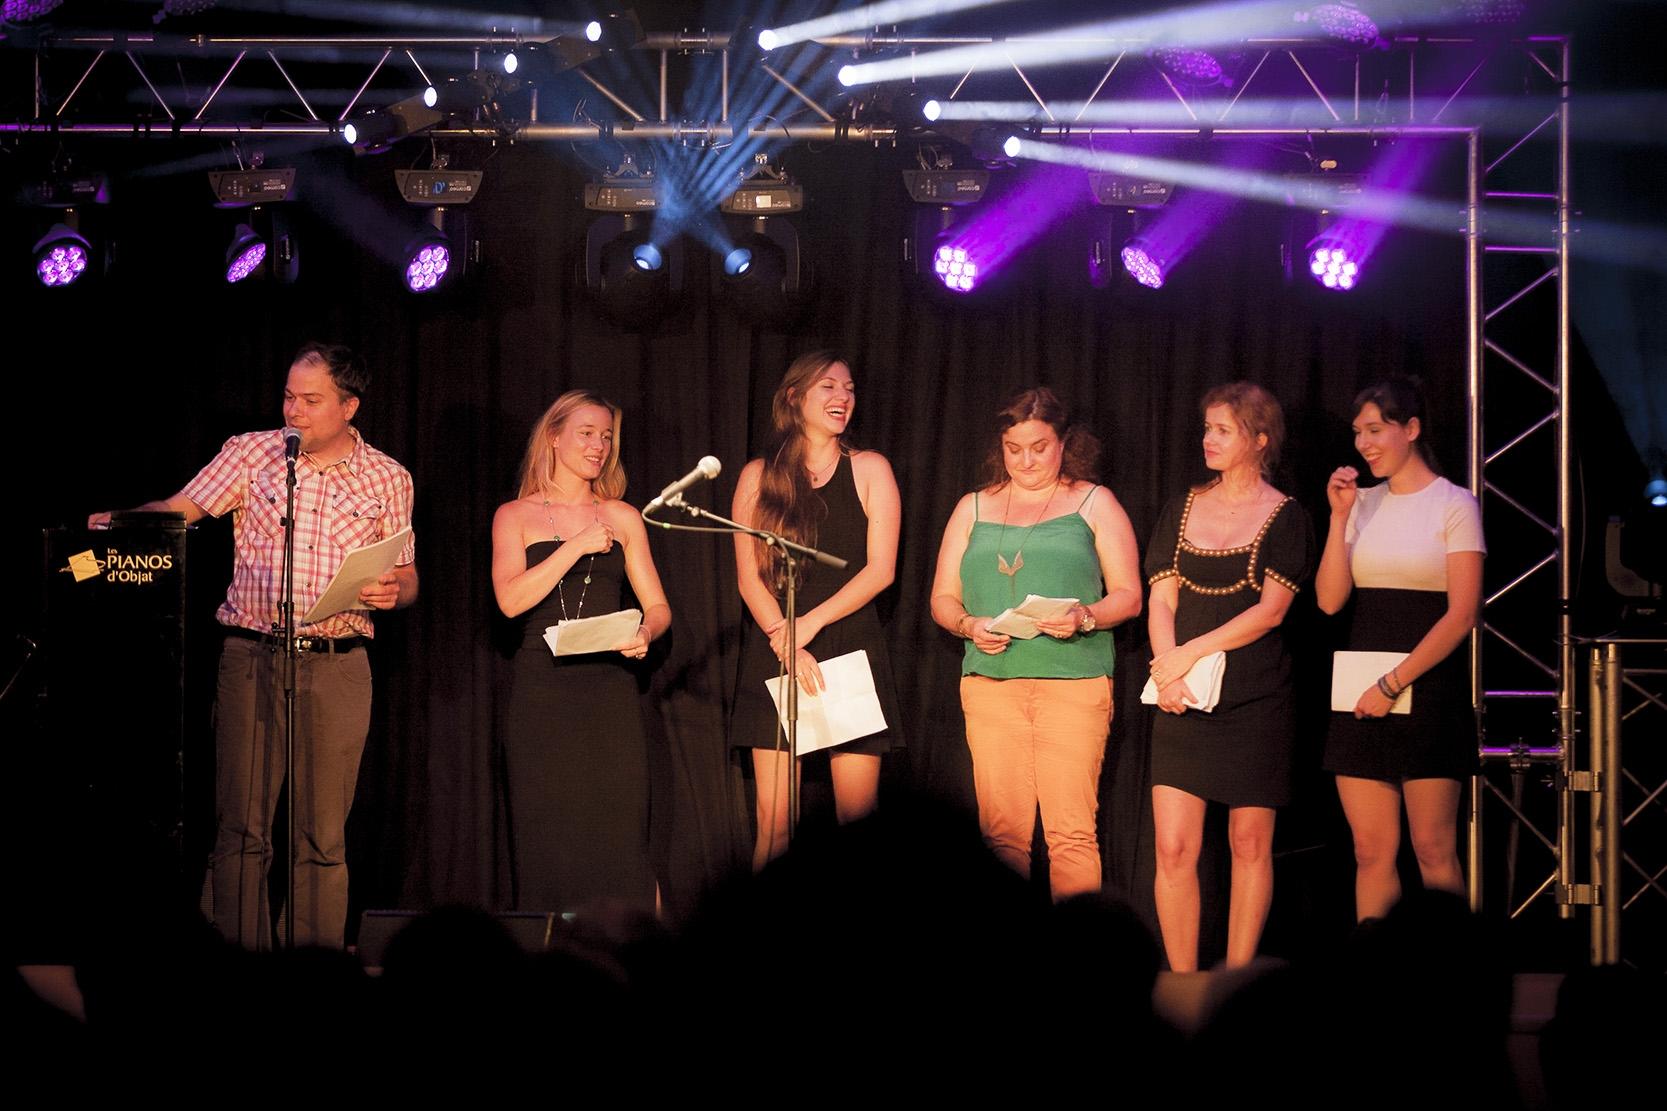 Matthias Vincenot, Justine Thibaudat, Pénélope-Rose Lévêque, Tatiana Gousseff, Julie Delarme, Cannelle Carré-Cassaigne